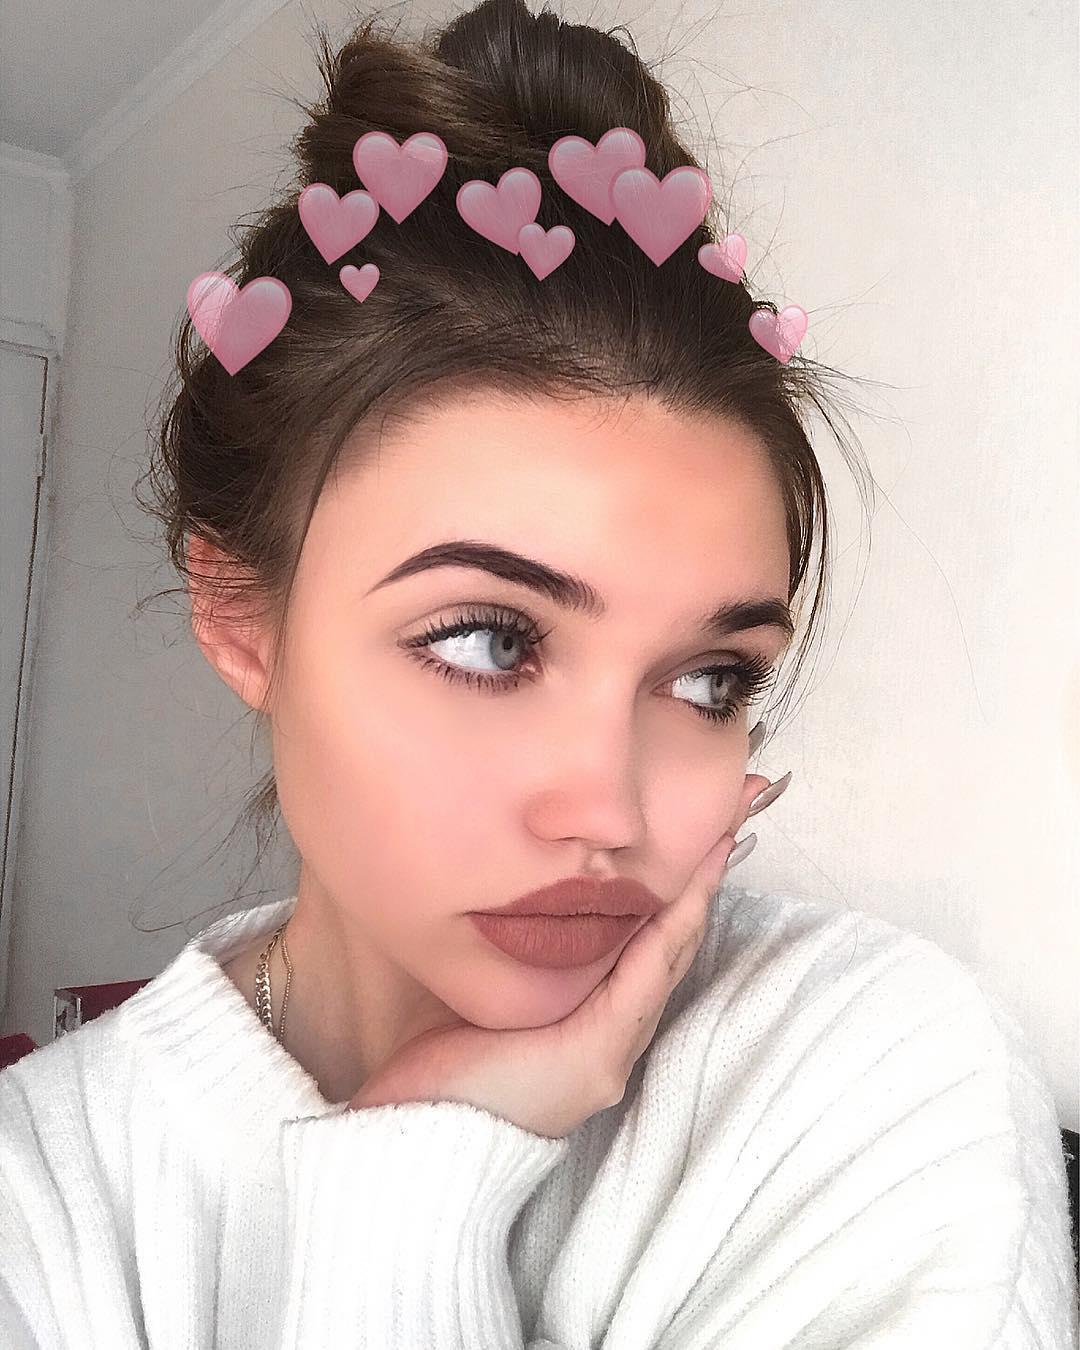 Eliza-Kayudina-Wallpapers-Insta-Fit-Bio-17